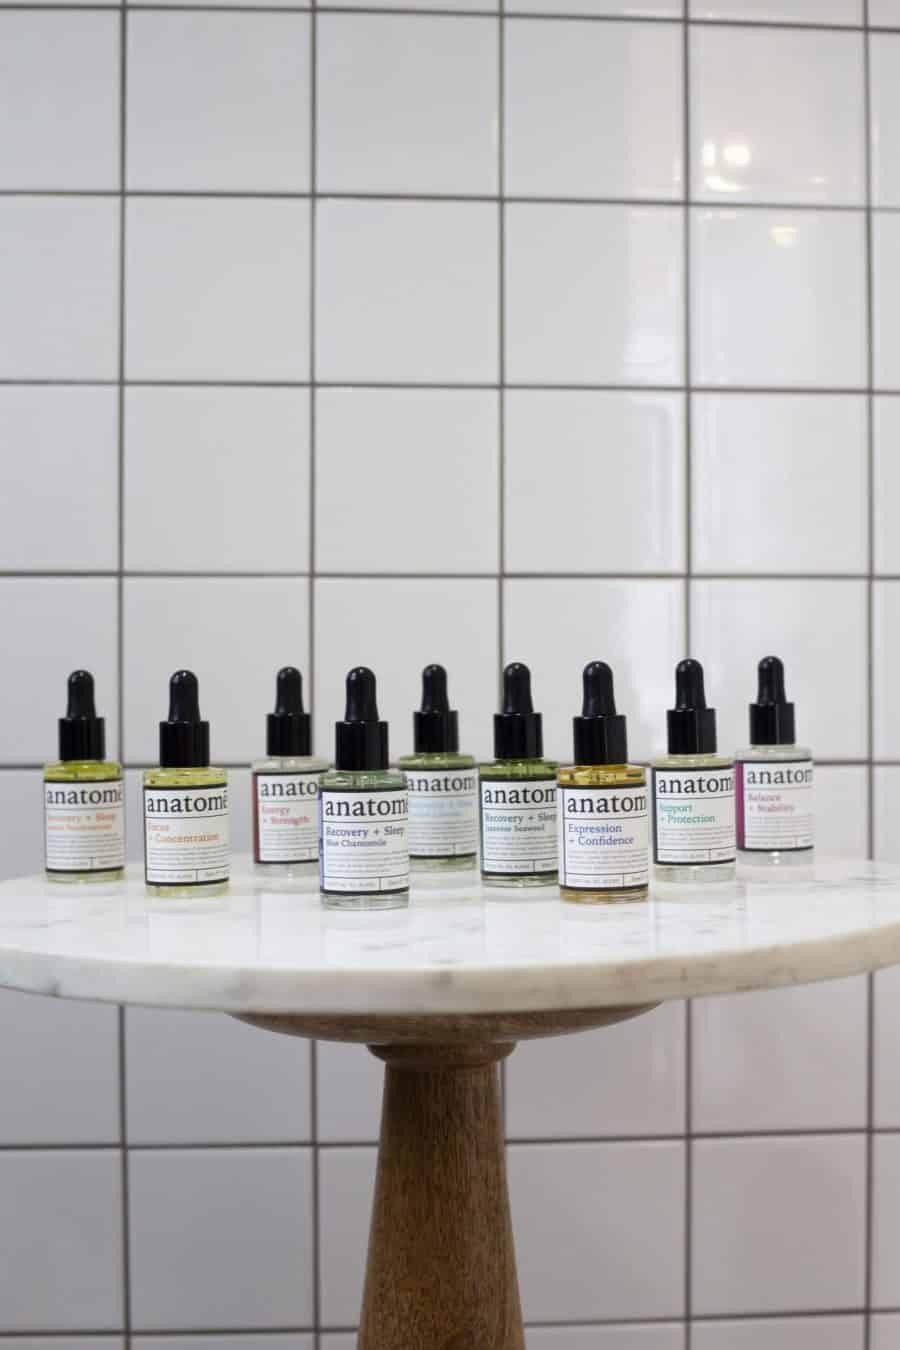 eterinių aliejų mišinių kolekcija iš 9 skirtingų buteliukų